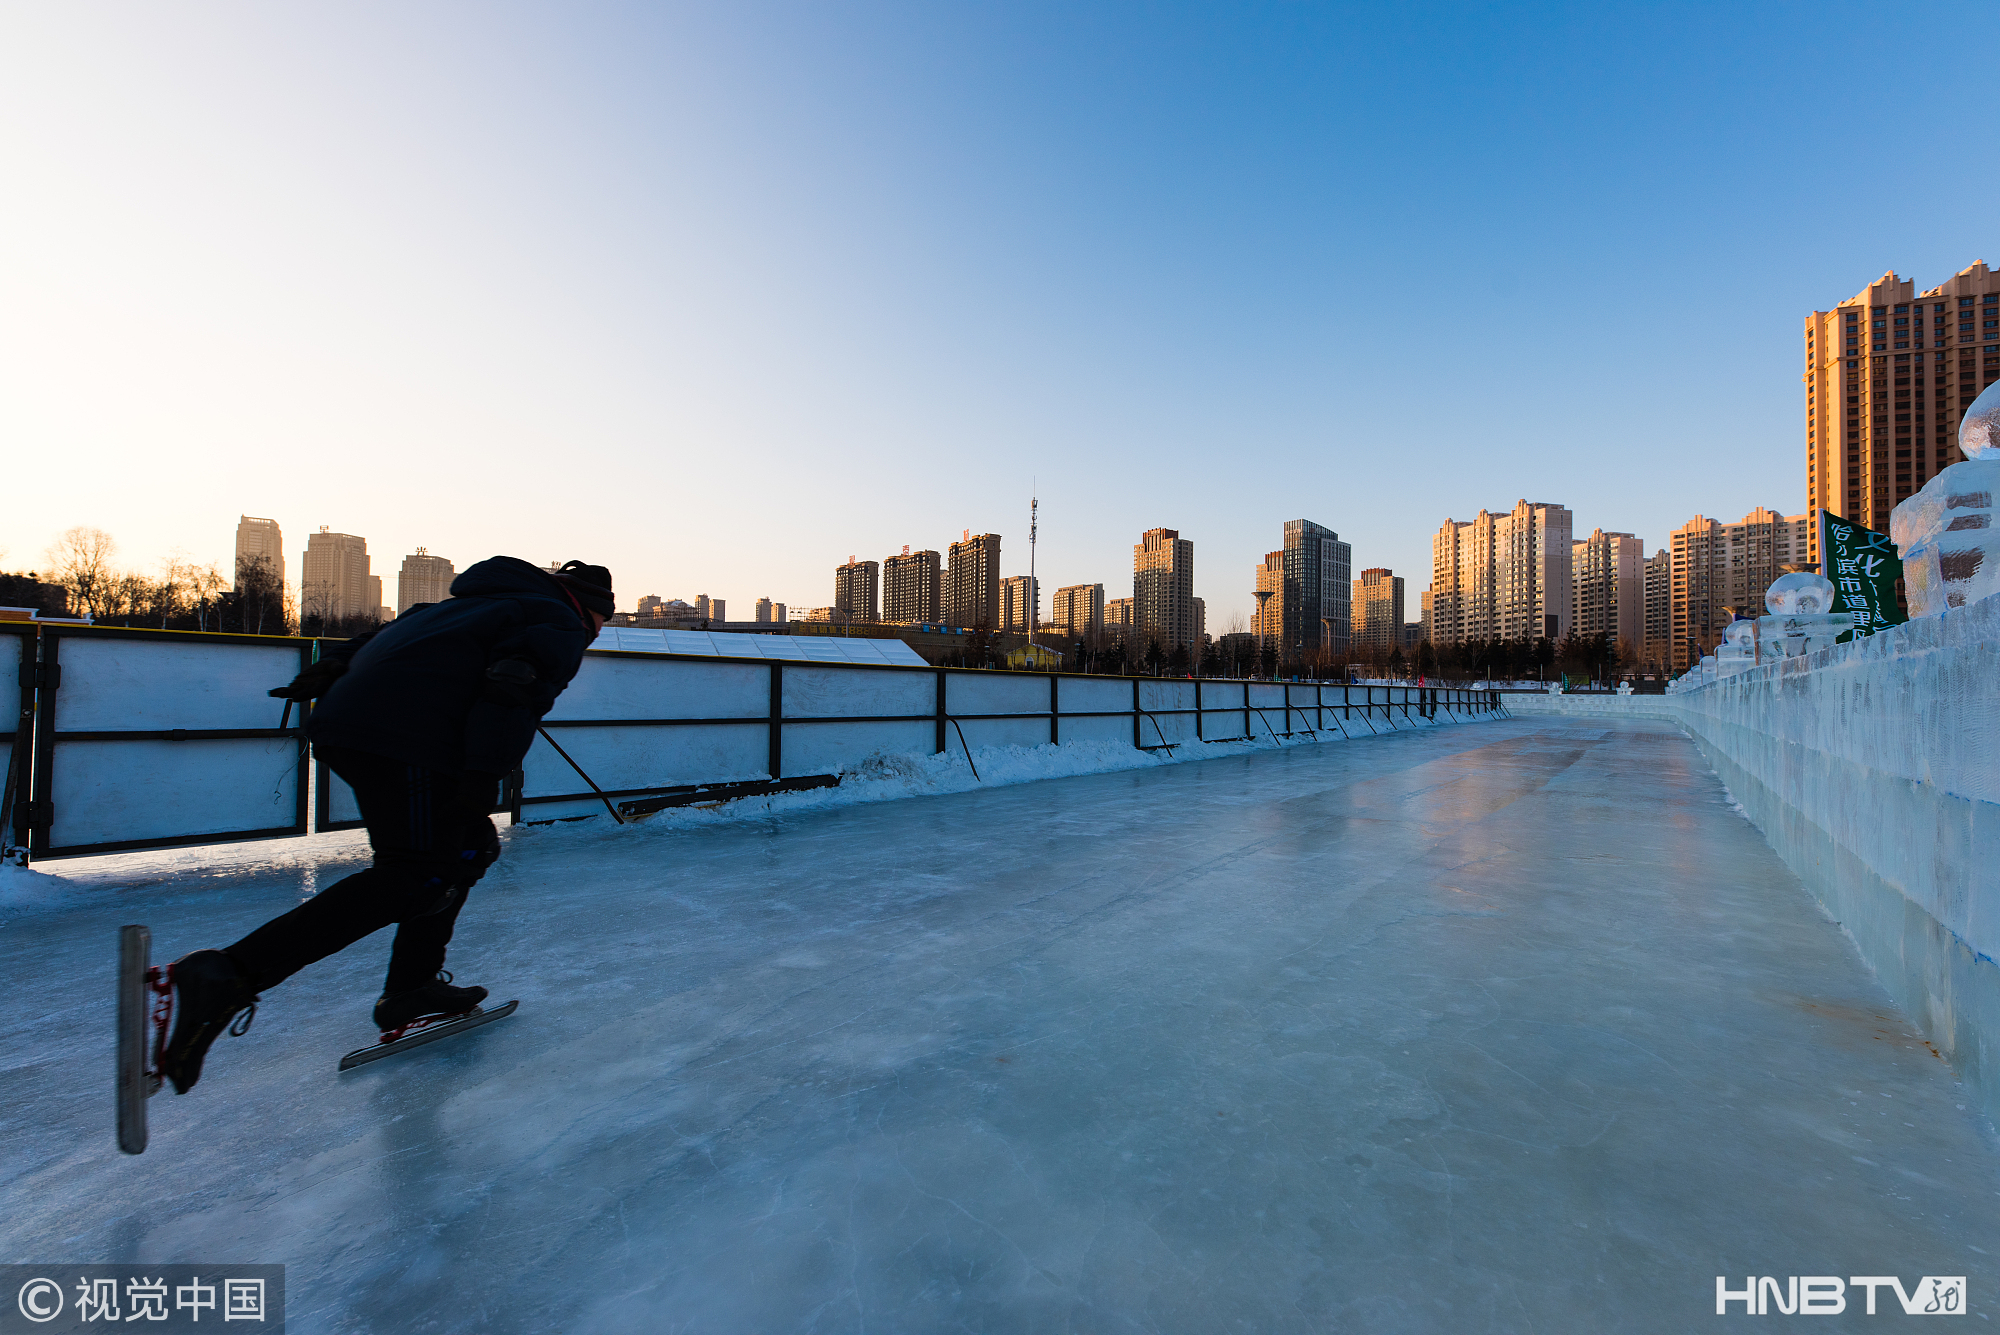 哈尔滨:冬日热情不减 市民乐享冰雪运动(组图)